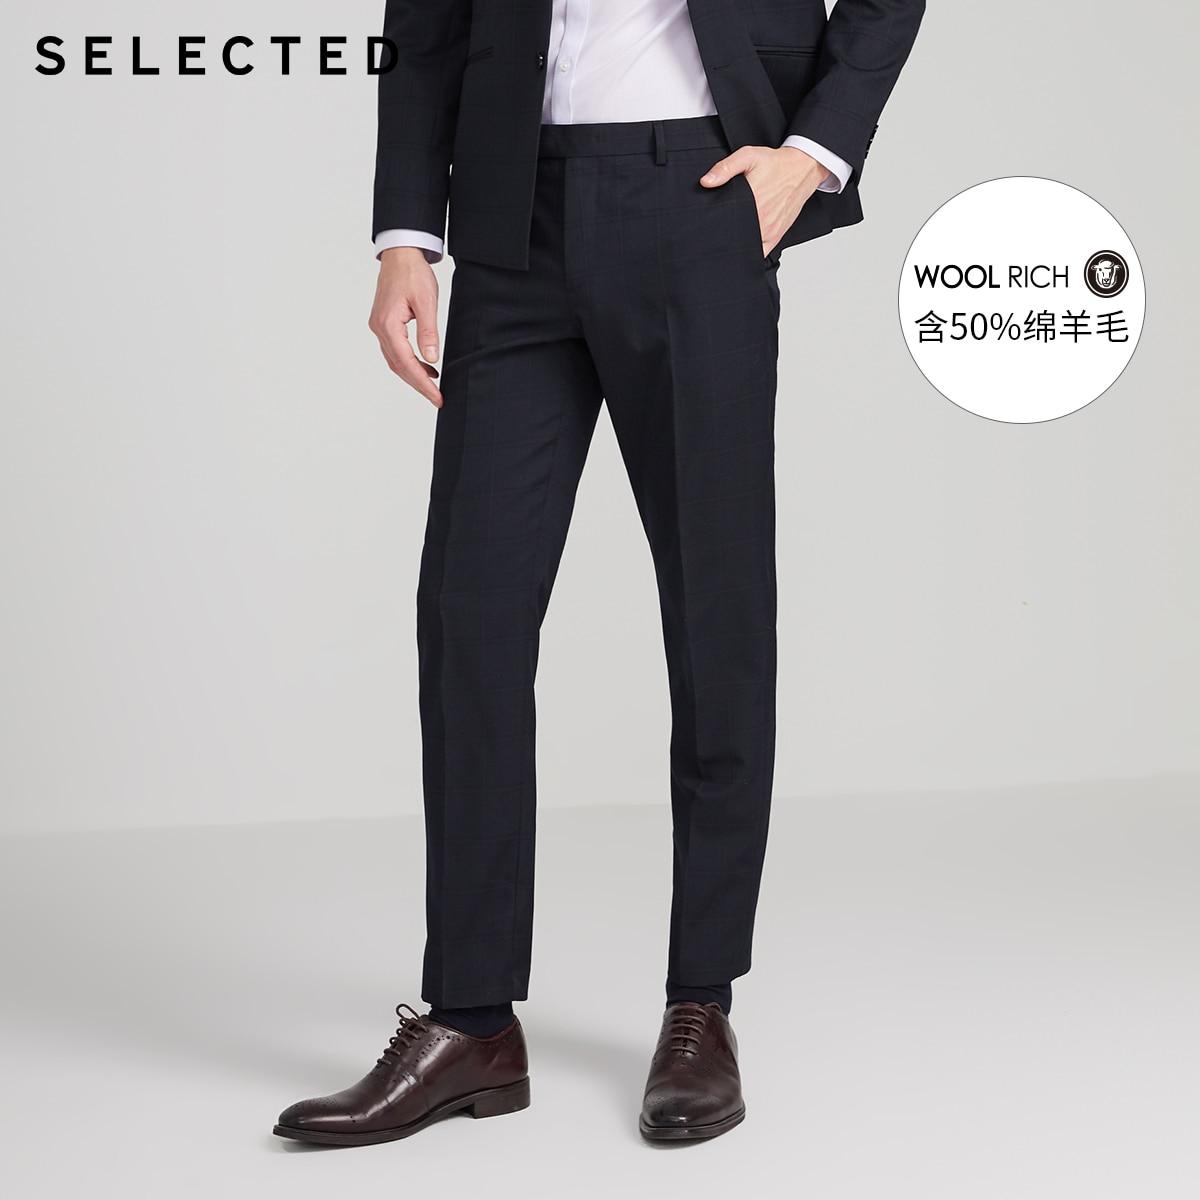 SELECTED Men's Slim Regular Fit Business Woolen Plaid Suit Pants S 42016B508